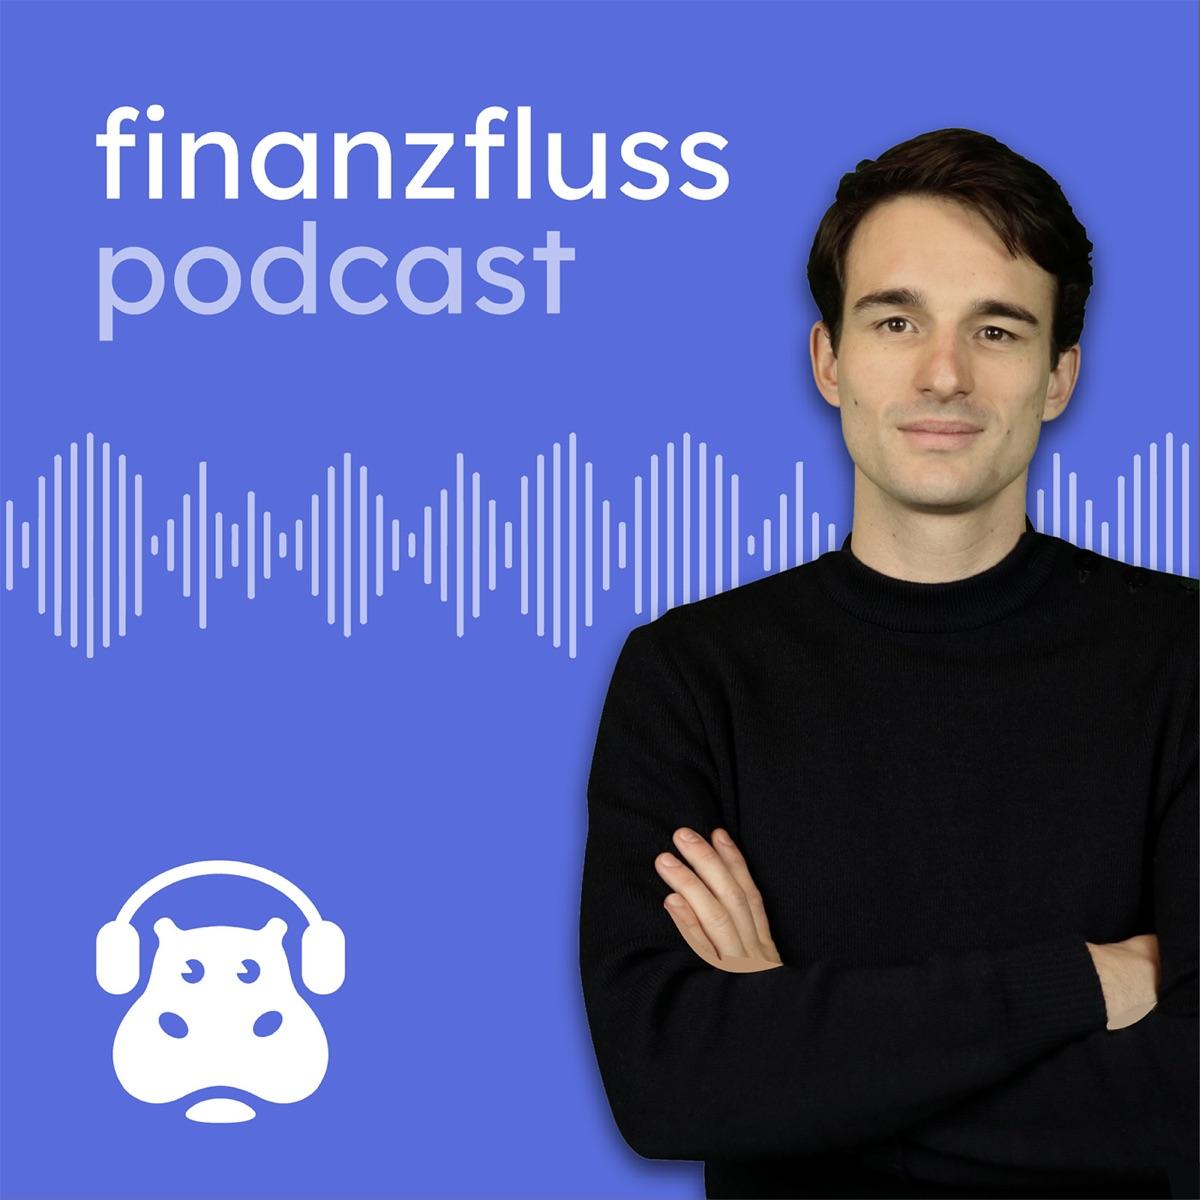 #184 Befinden wir uns in einer ETF-Blase? Meinung zu Robo-Advisor? Eure Fragen! | #FragFinanzfluss